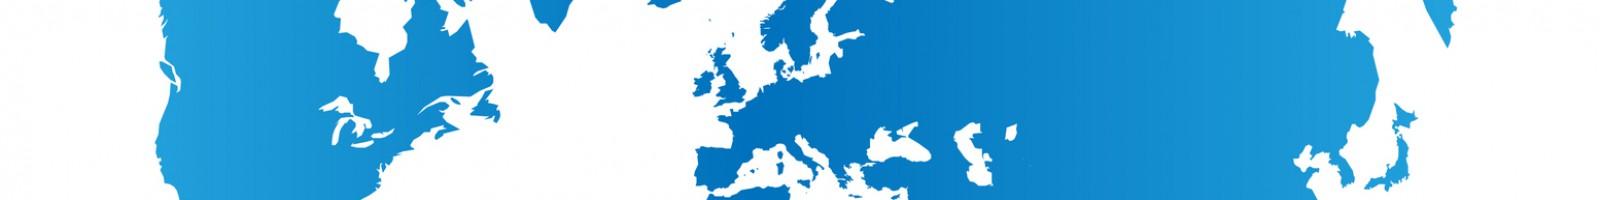 cropped-mapa-svet.jpg